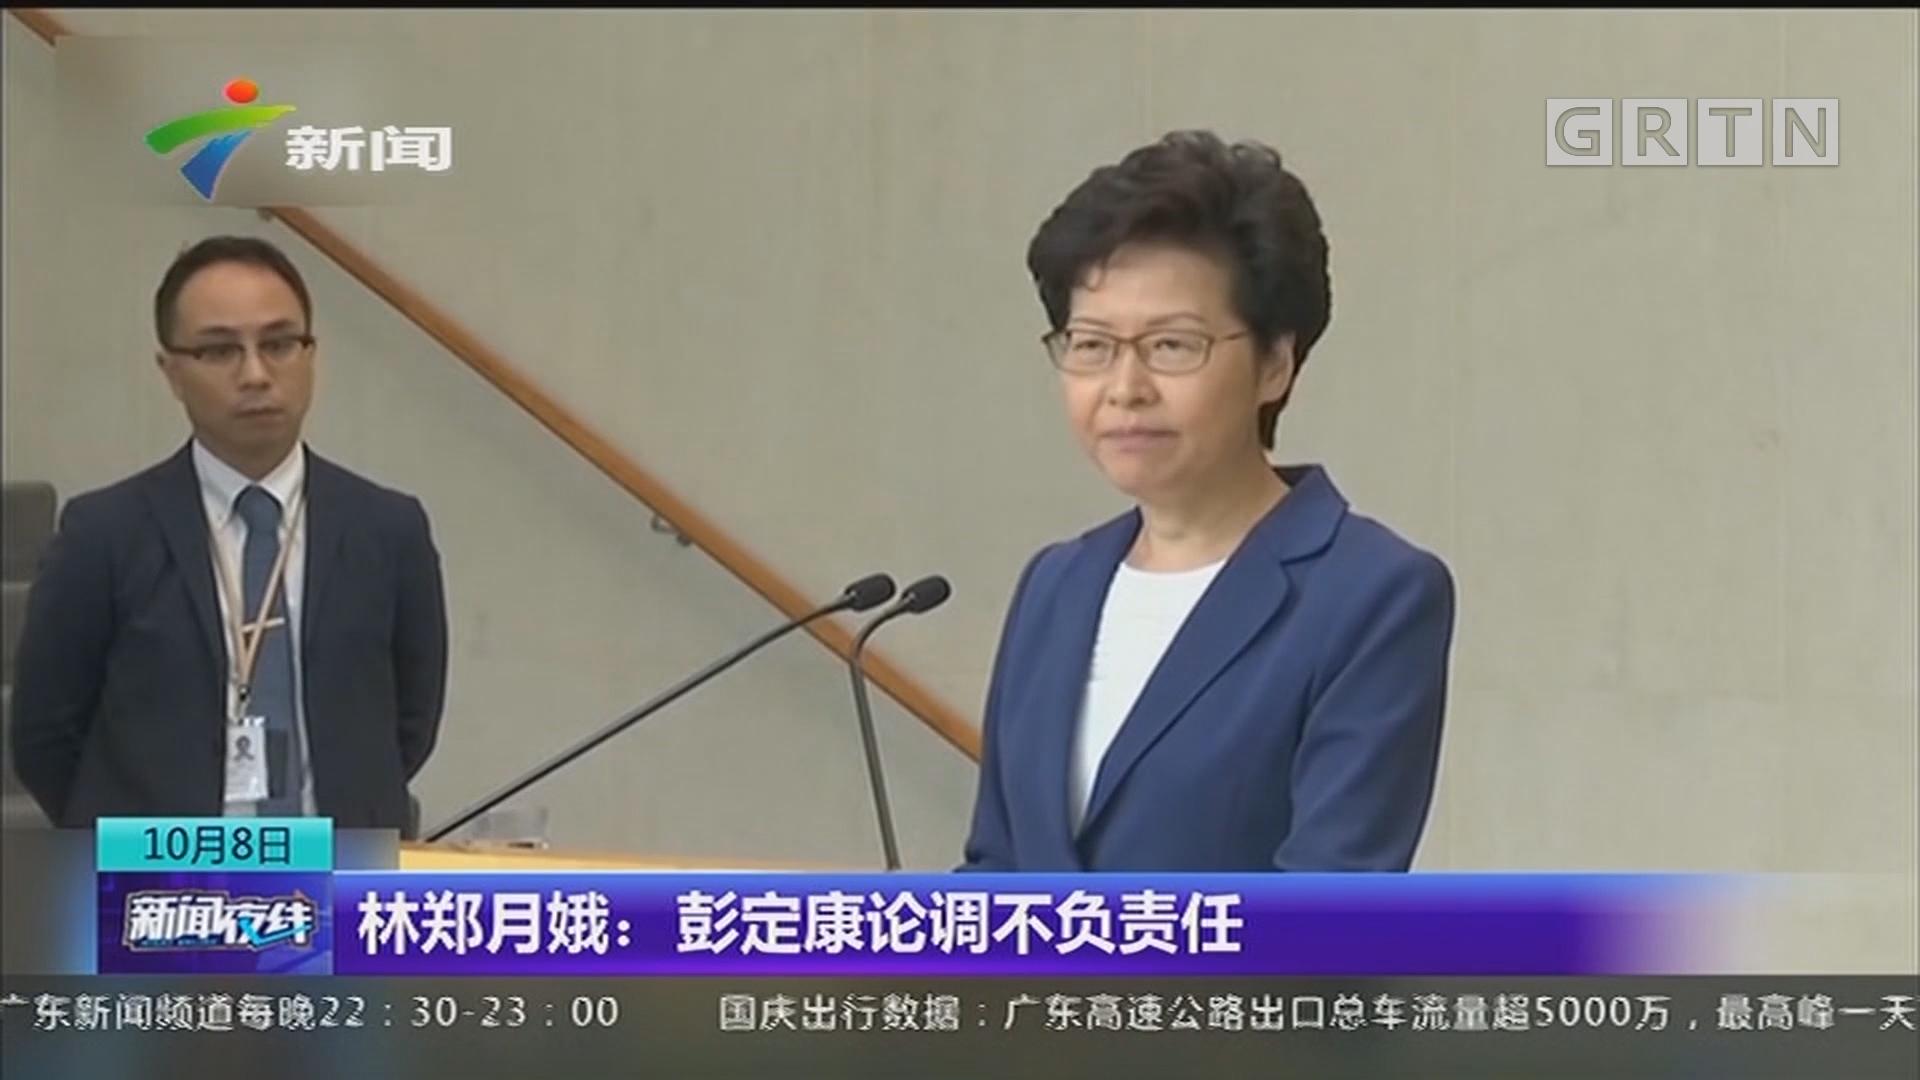 林郑月娥:彭定康论调不负责任